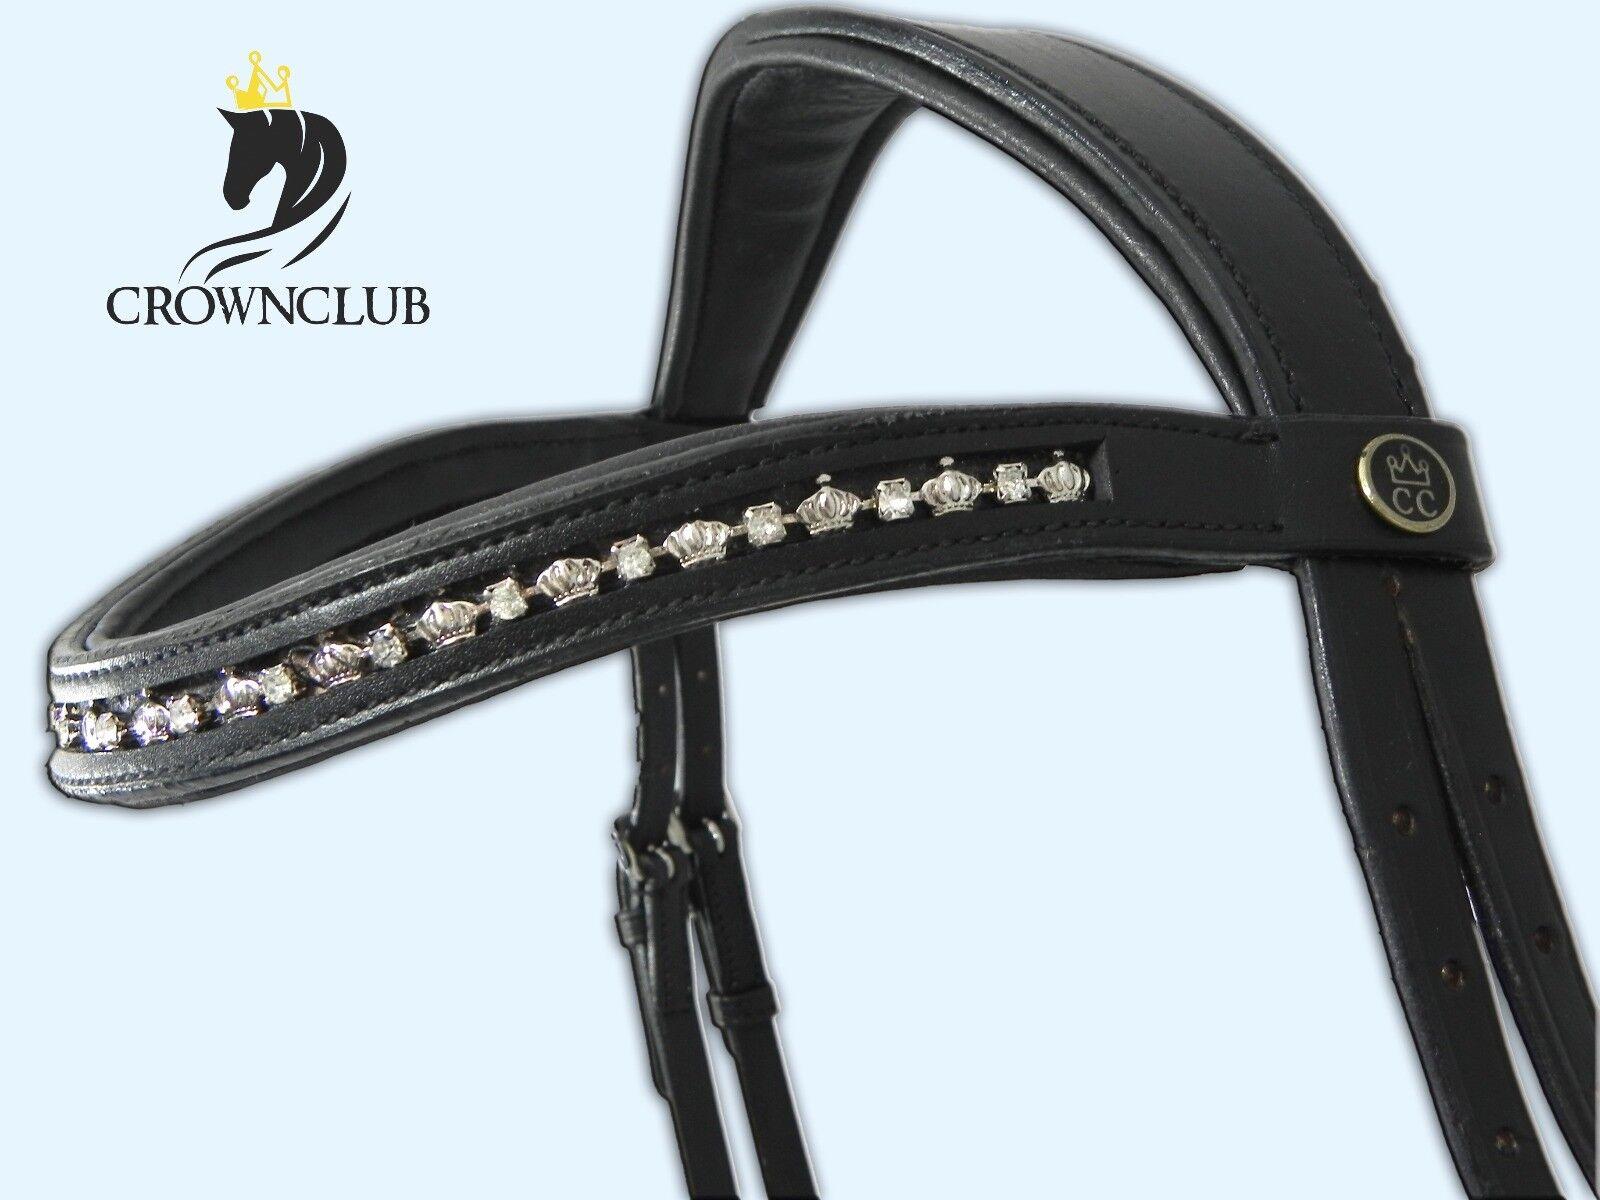 Trense Trensenzaum Trensen-Zaum Pony, VB, WB Krönchen von CrownClub